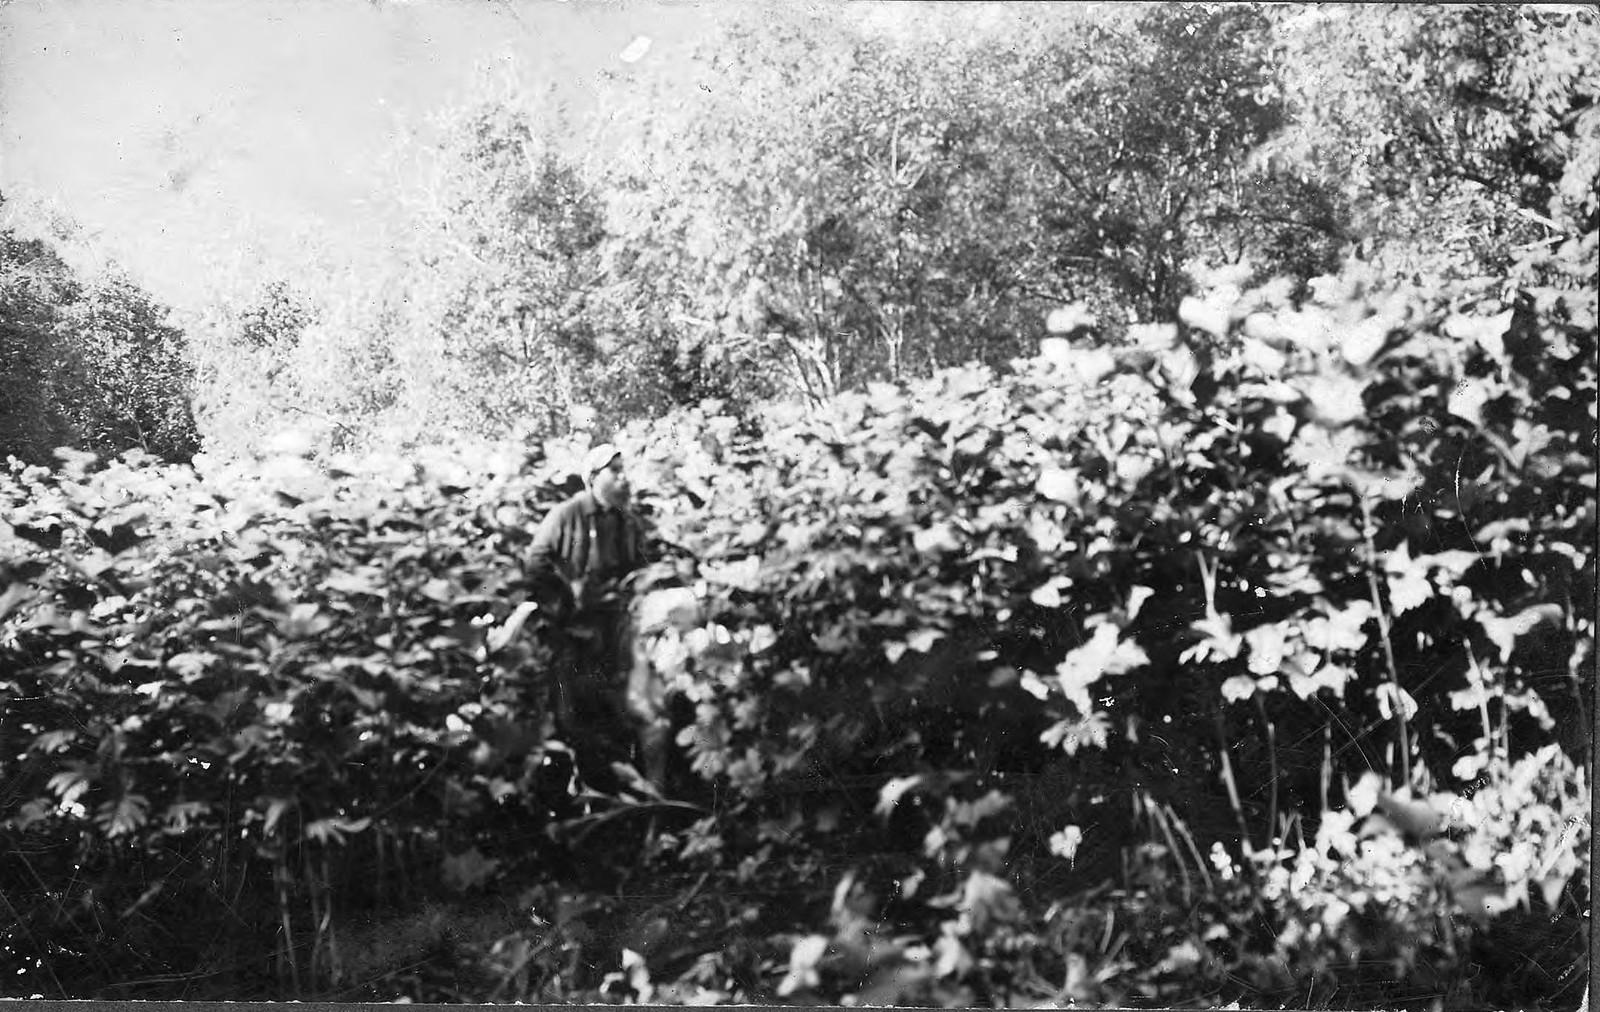 1910. Заросли лабазника (шеломайника)